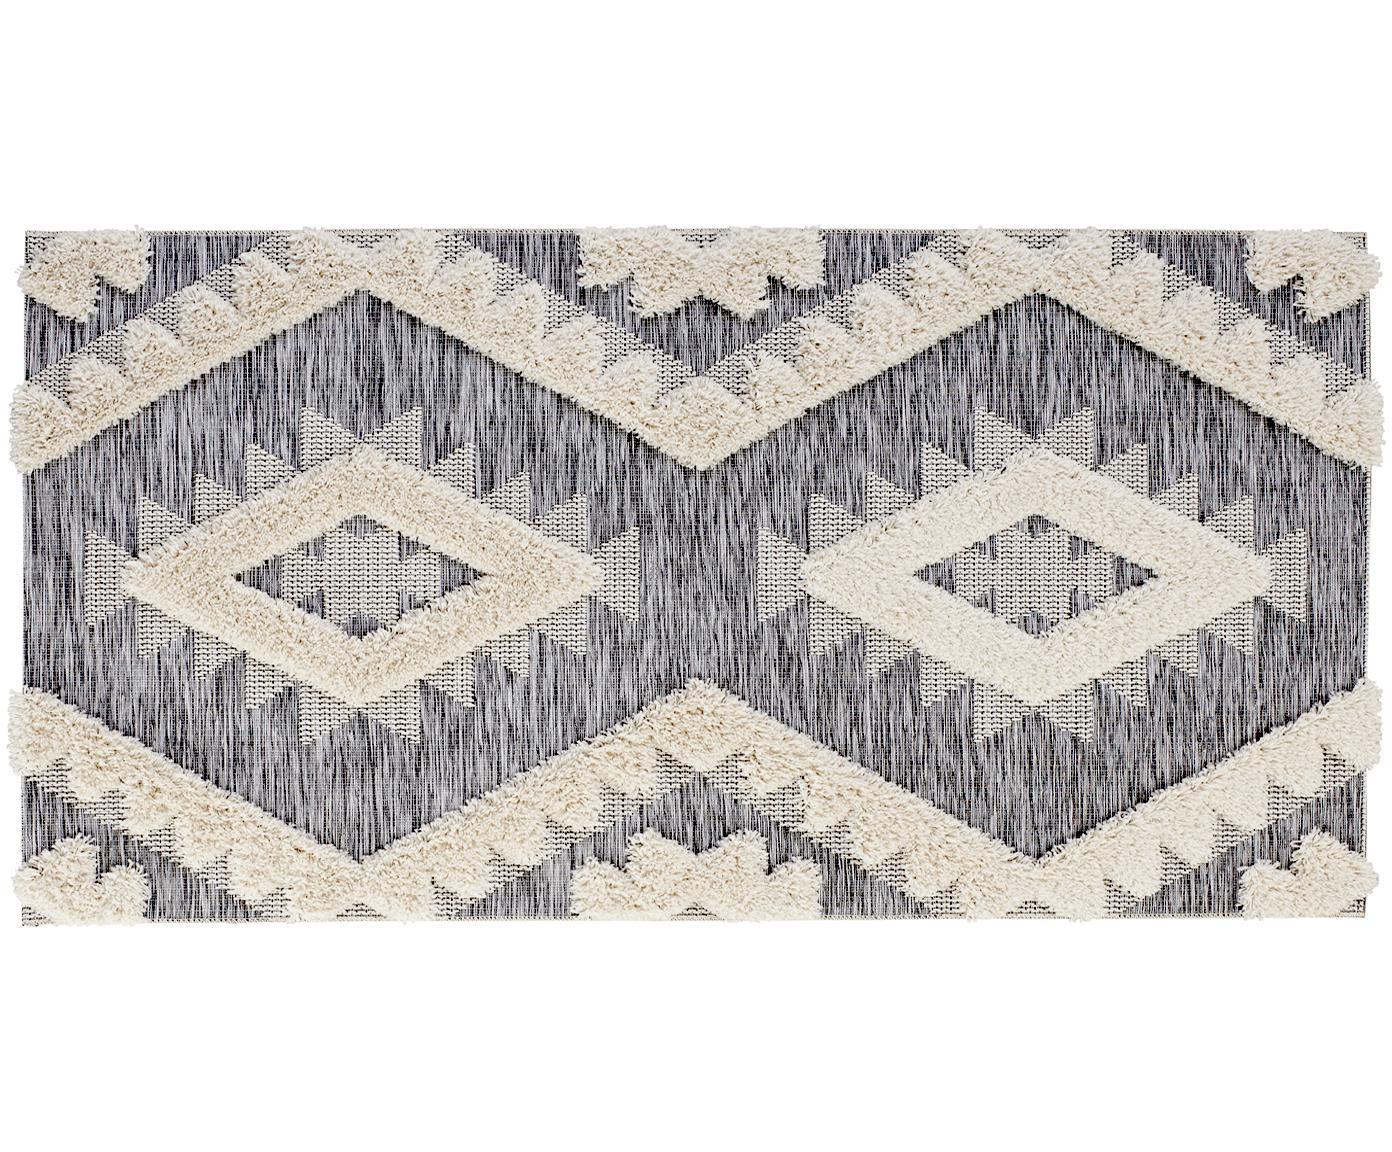 In- & Outdoor-Teppich Tiddas mit Hoch-Tief-Effekt in Grau-Creme, Flor: 100% Polypropylen, Creme, Grau, B 80 x L 150 cm (Größe XS)